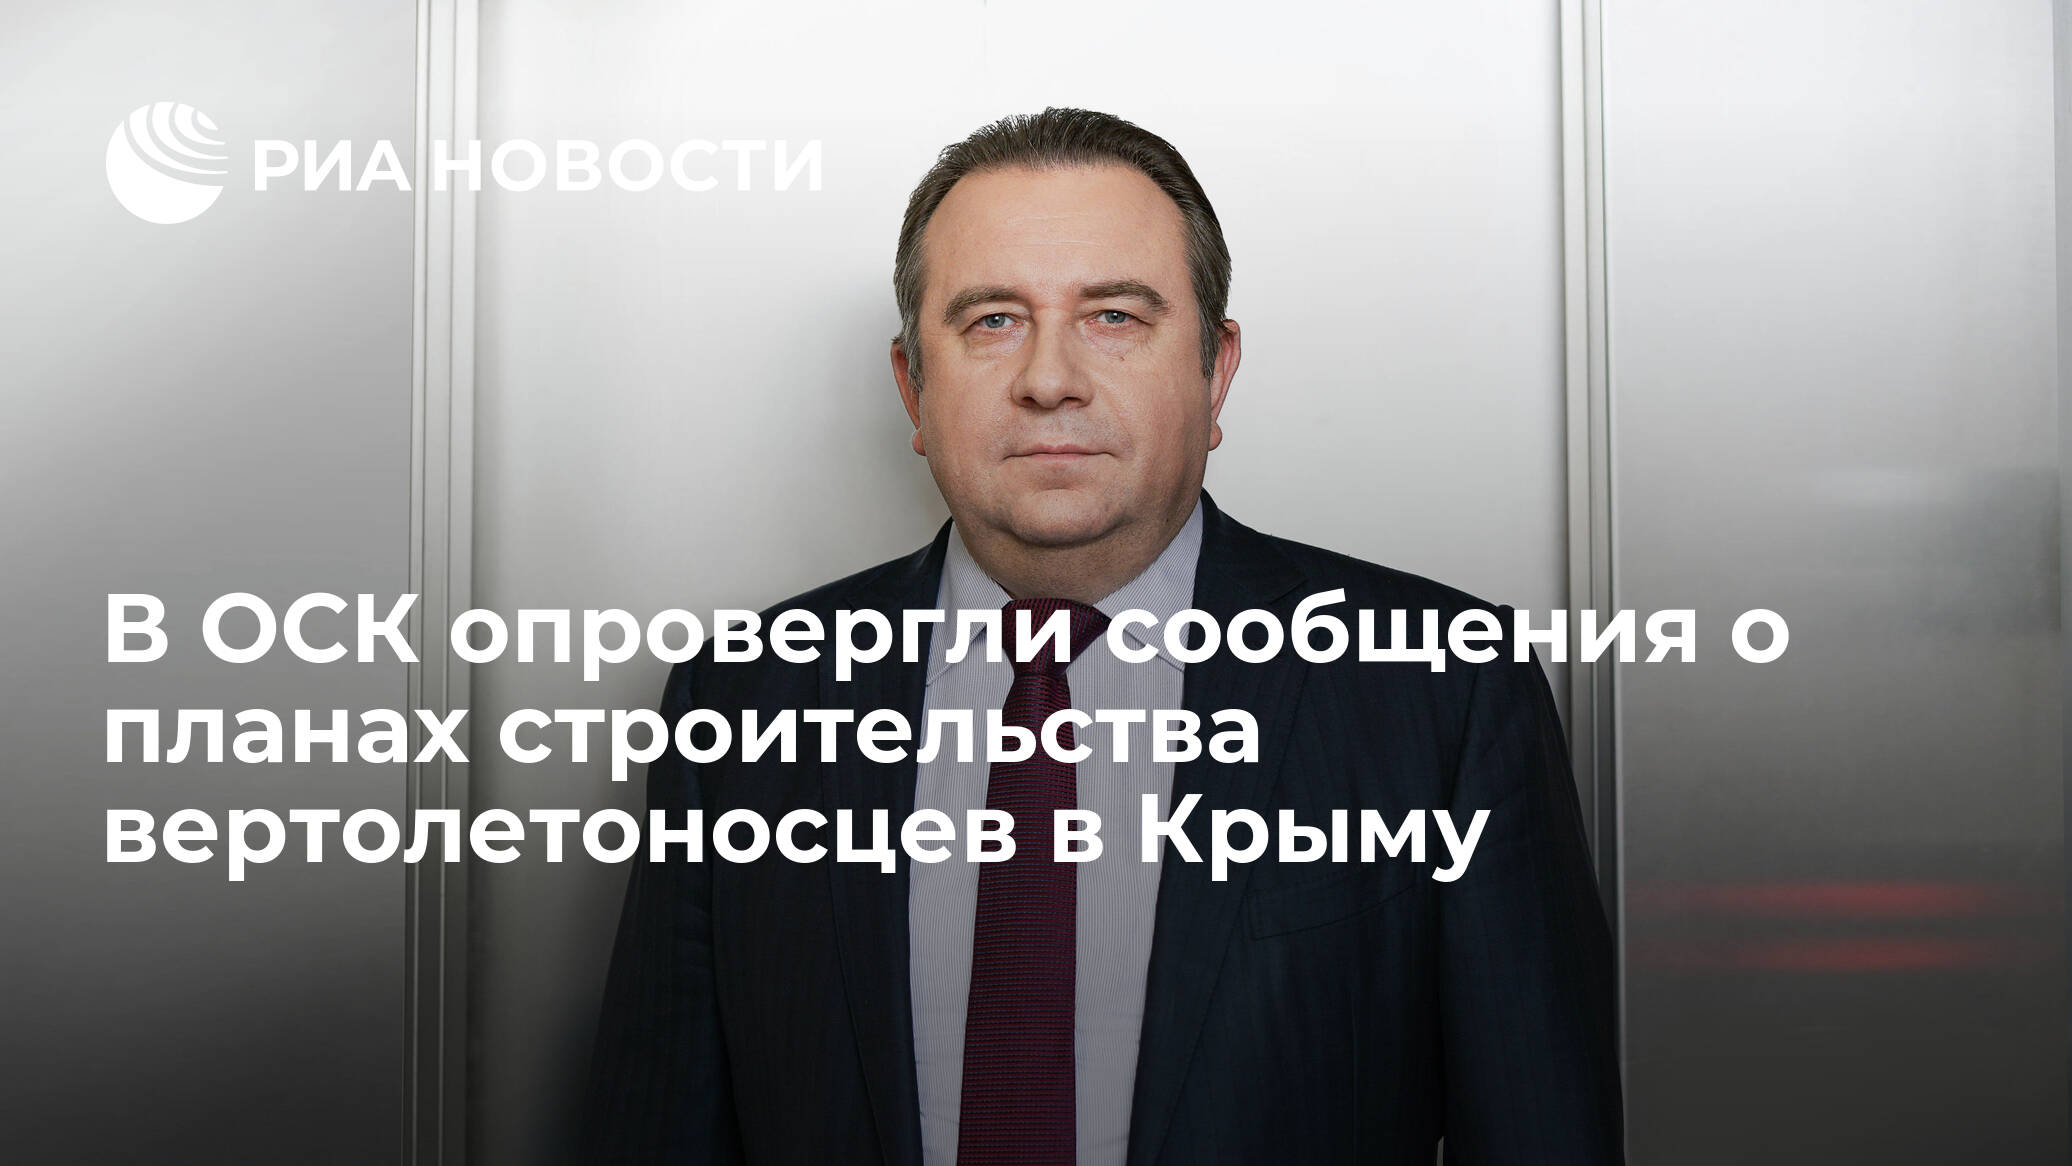 В ОСК опровергли сообщения о планах строительства вертолетоносцев в Крыму